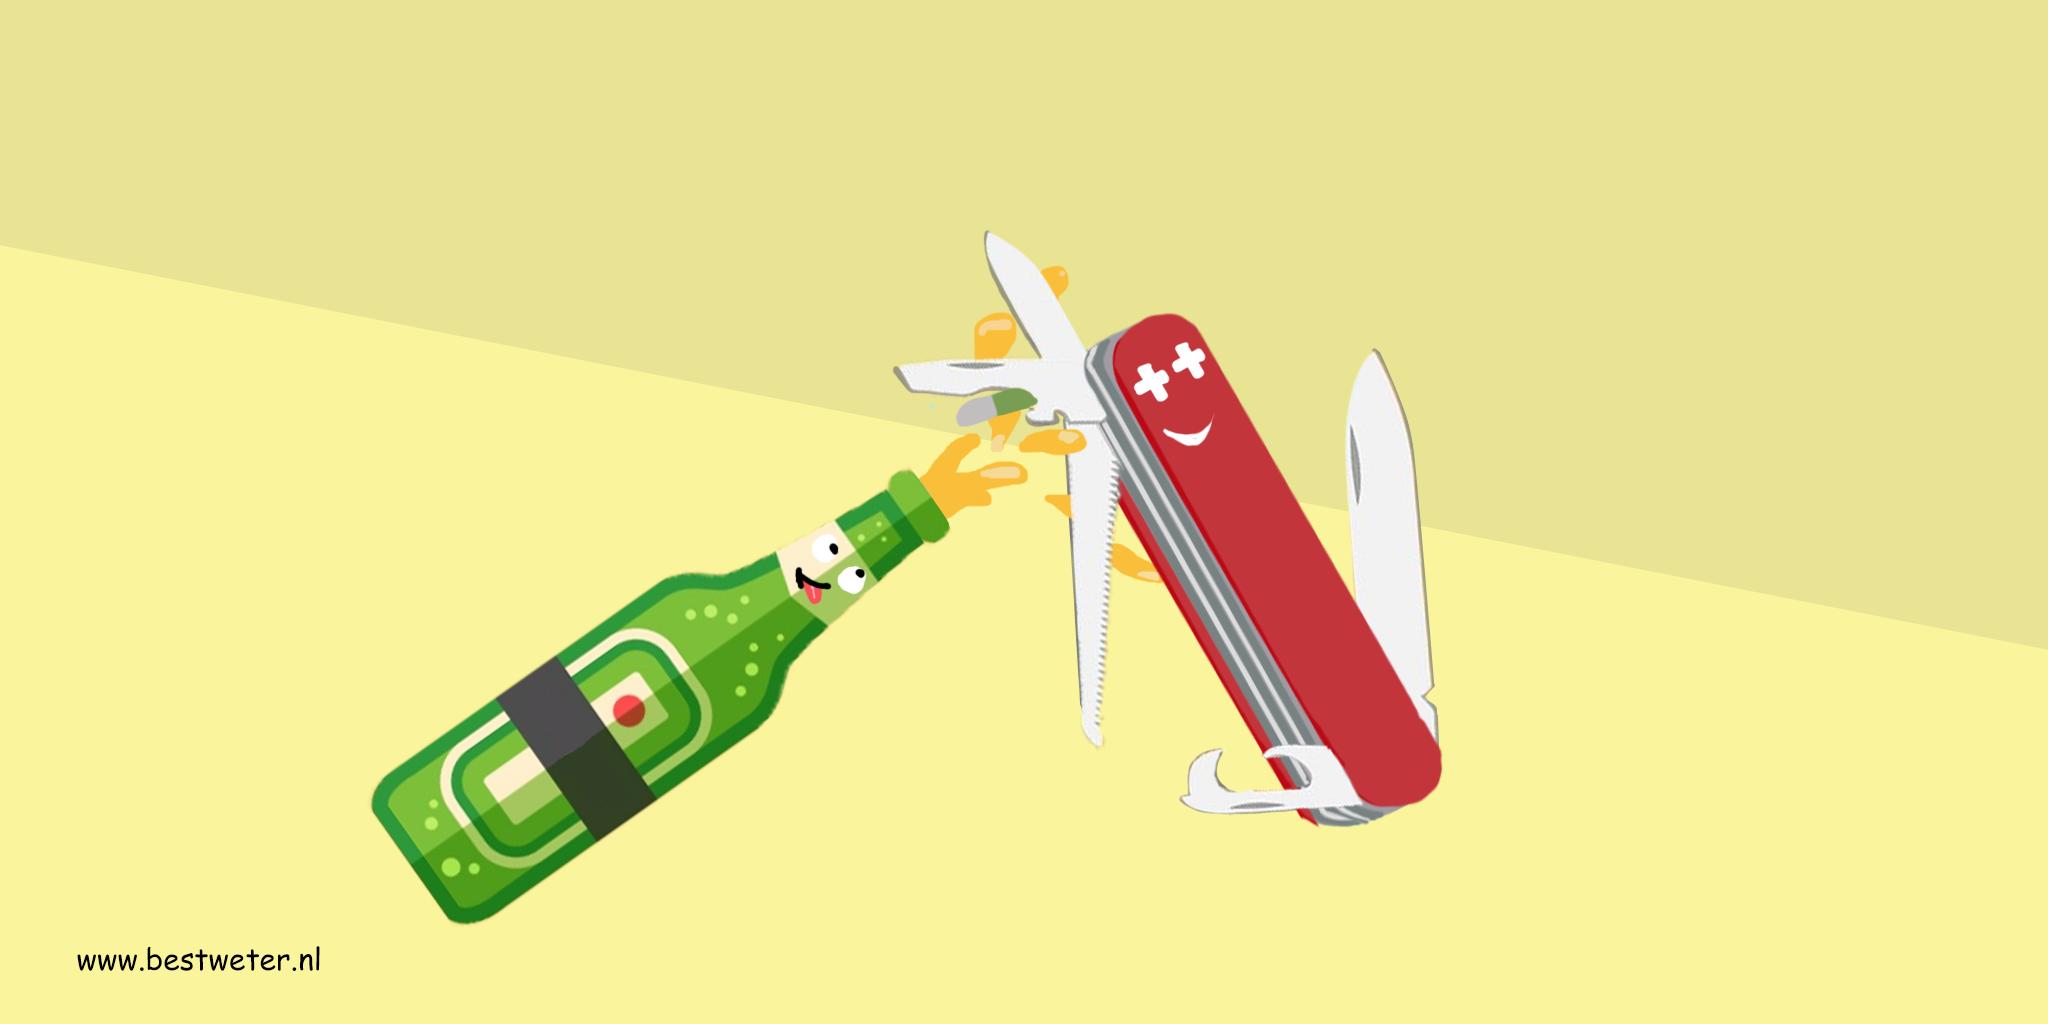 Zwitsers zakmes opent biertje getekend - Bestweter